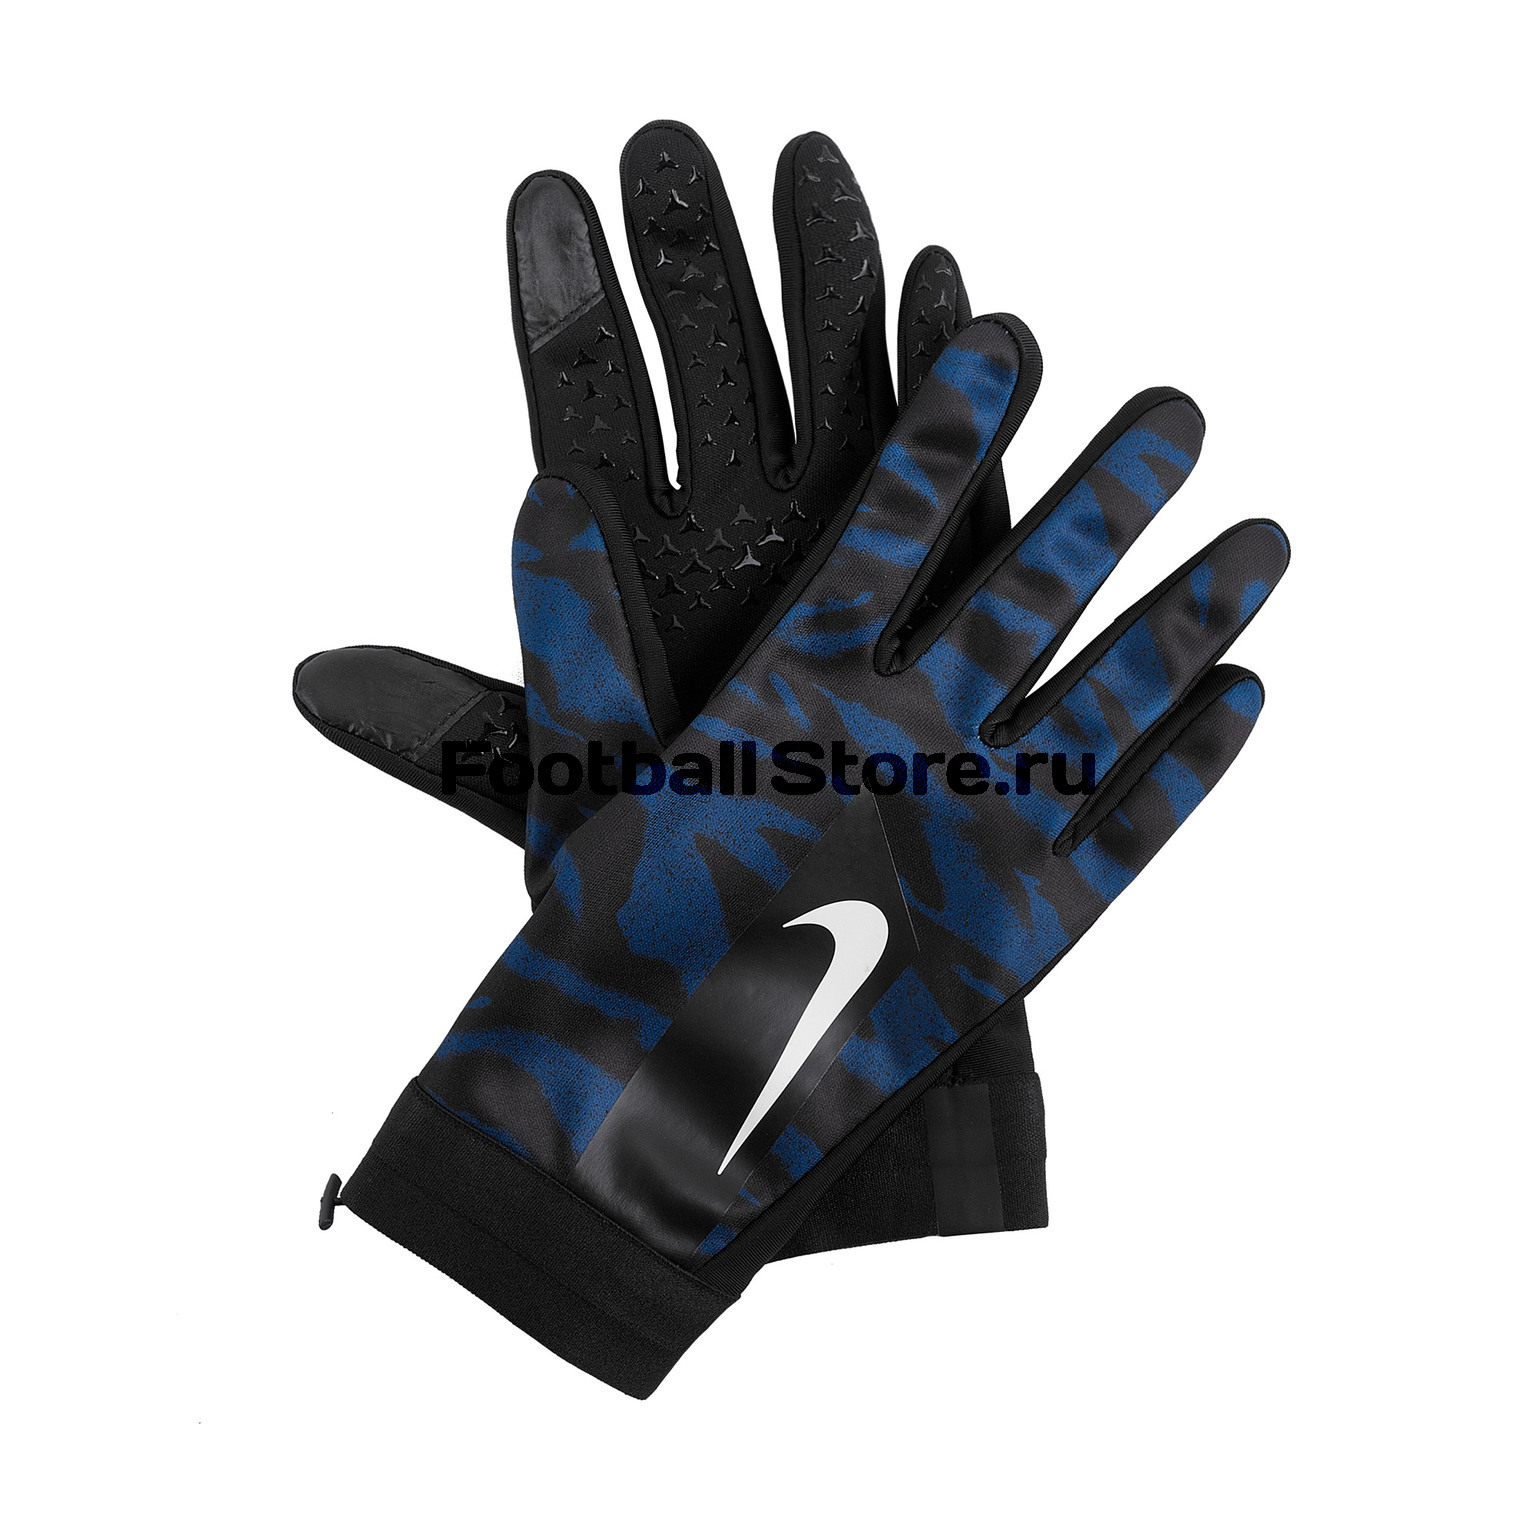 Перчатки тренировочные детские Nike Academy Hyperwarm GS3903-011